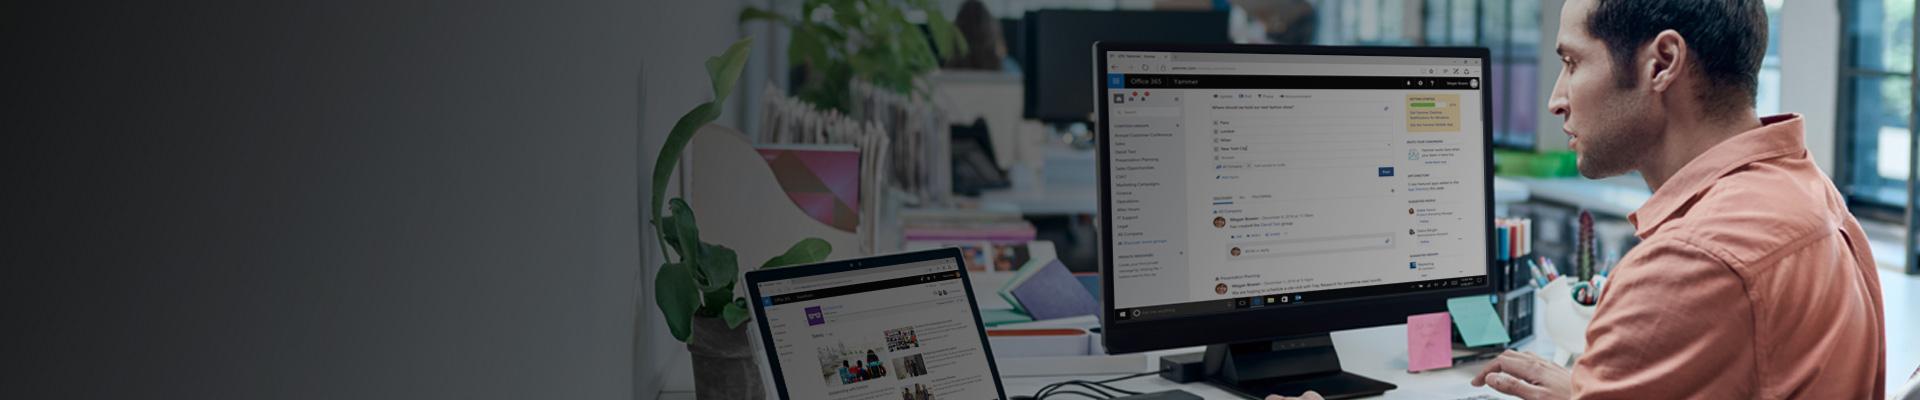 Uomo che guarda il monitor di un desktop che esegue SharePoint, con Yammer visualizzato sullo sfondo di un altro monitor